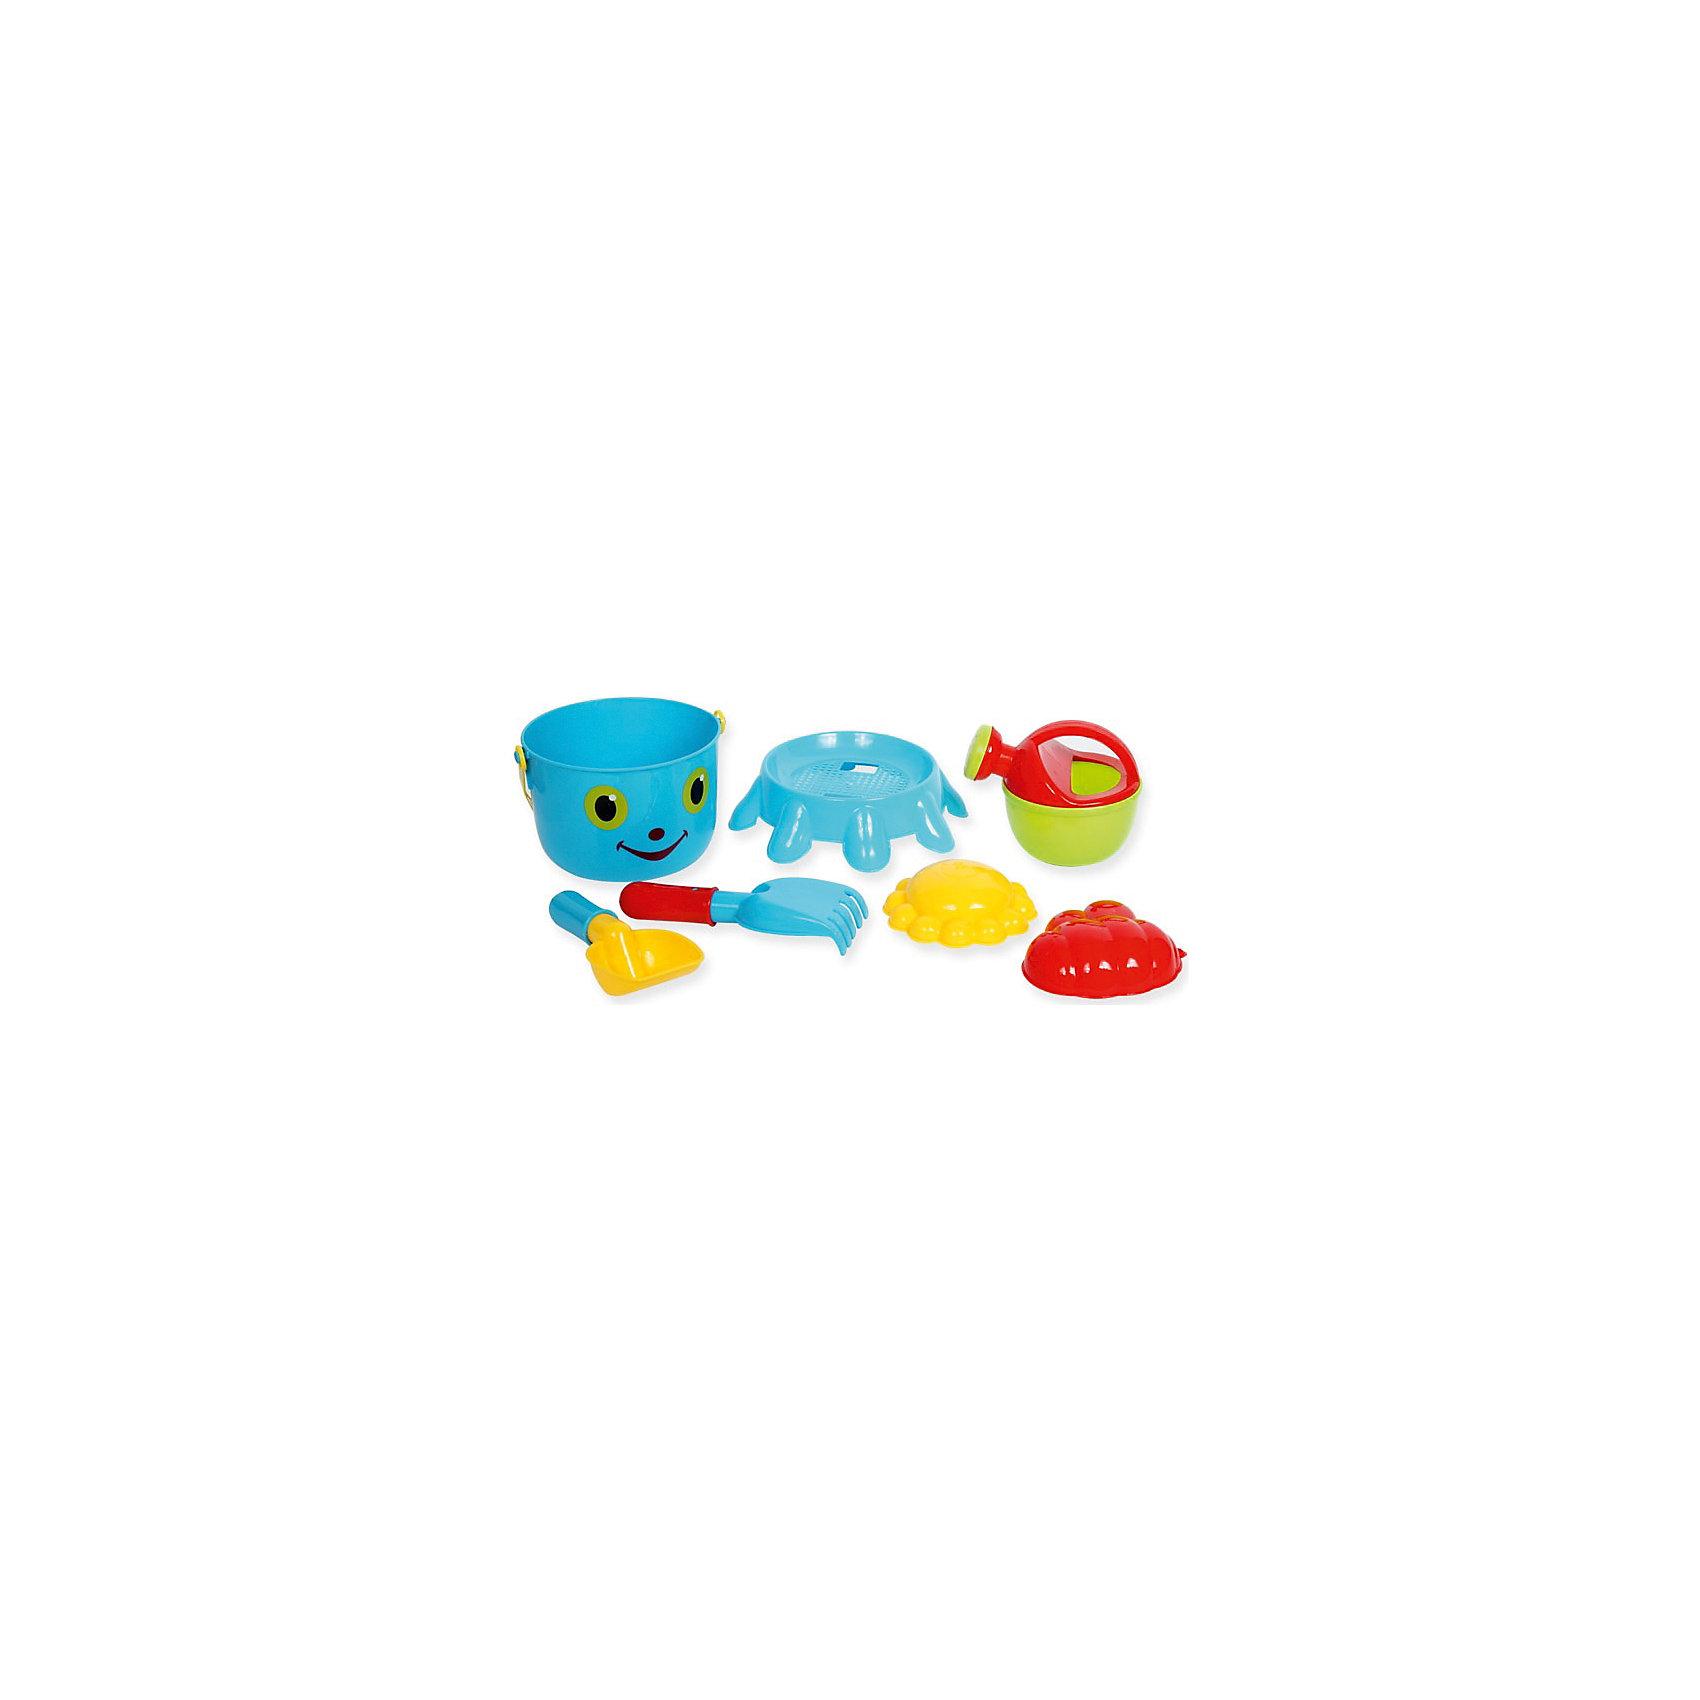 Набор №2 для игр с песком и водой7 в 1, ALTACTOИграем в песочнице<br>Игра с песком - одна из самых любимых забав у малышей. А с красочными игрушками для песочницы любимое занятие станет еще веселее и интереснее. В набор № 2 для игр с песком и водой 7 в 1, Altacto, входят две формочки, ведёрко в виде осьминожки с забавной мордочкой, сито, лейка, совок и грабли. Все предметы имеют эргономичную форму, удобную для захвата маленькой детской ручкой. Ведерко со съемным основанием, совок, грабли и лейка прекрасно подходят для строительства сказочных замков или для садовых работ. А с помощью ярких формочек получатся симпатичные фигурки-куличики. Набор выполнен из качественного и прочного материала, не содержащего в составе вредных красителей. Способствует развитию тактильных ощущений, мелкой и крупной моторики, а также двигательной активности ребенка.<br><br>Дополнительная информация:        <br><br>- В комплекте: 2 формочки, 1 ведерко, 1 сито, 1 лейка. 1 грабли, 1 совок.<br>- Материал: пластик. <br>- Размер упаковки: 19 х 19 х 22 см.<br>- Вес: 0,27 кг.<br><br>Набор № 2 для игр с песком и водой 7 в 1, Altacto, можно купить в нашем интернет-магазине.<br><br>Ширина мм: 190<br>Глубина мм: 190<br>Высота мм: 220<br>Вес г: 270<br>Возраст от месяцев: 36<br>Возраст до месяцев: 72<br>Пол: Унисекс<br>Возраст: Детский<br>SKU: 4622266